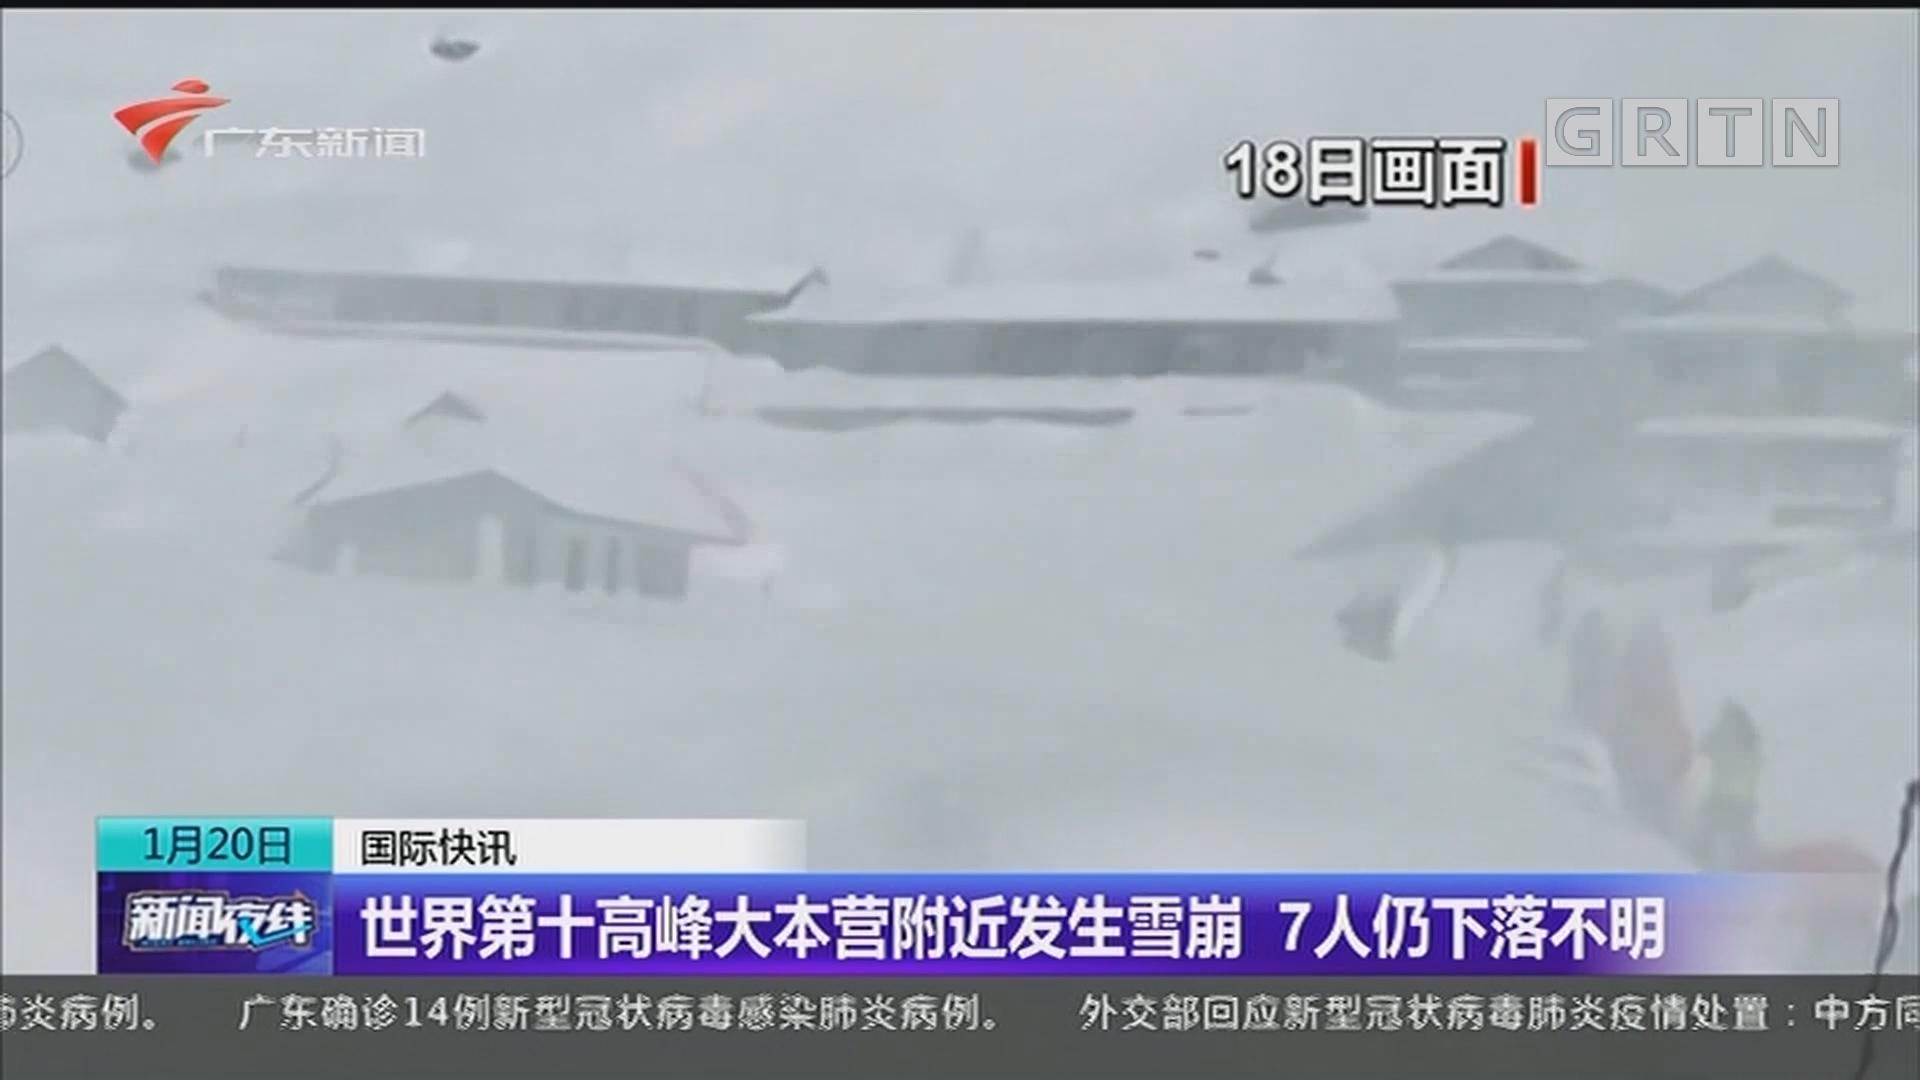 世界第十高峰大本营附近发生雪崩 7人仍下落不明